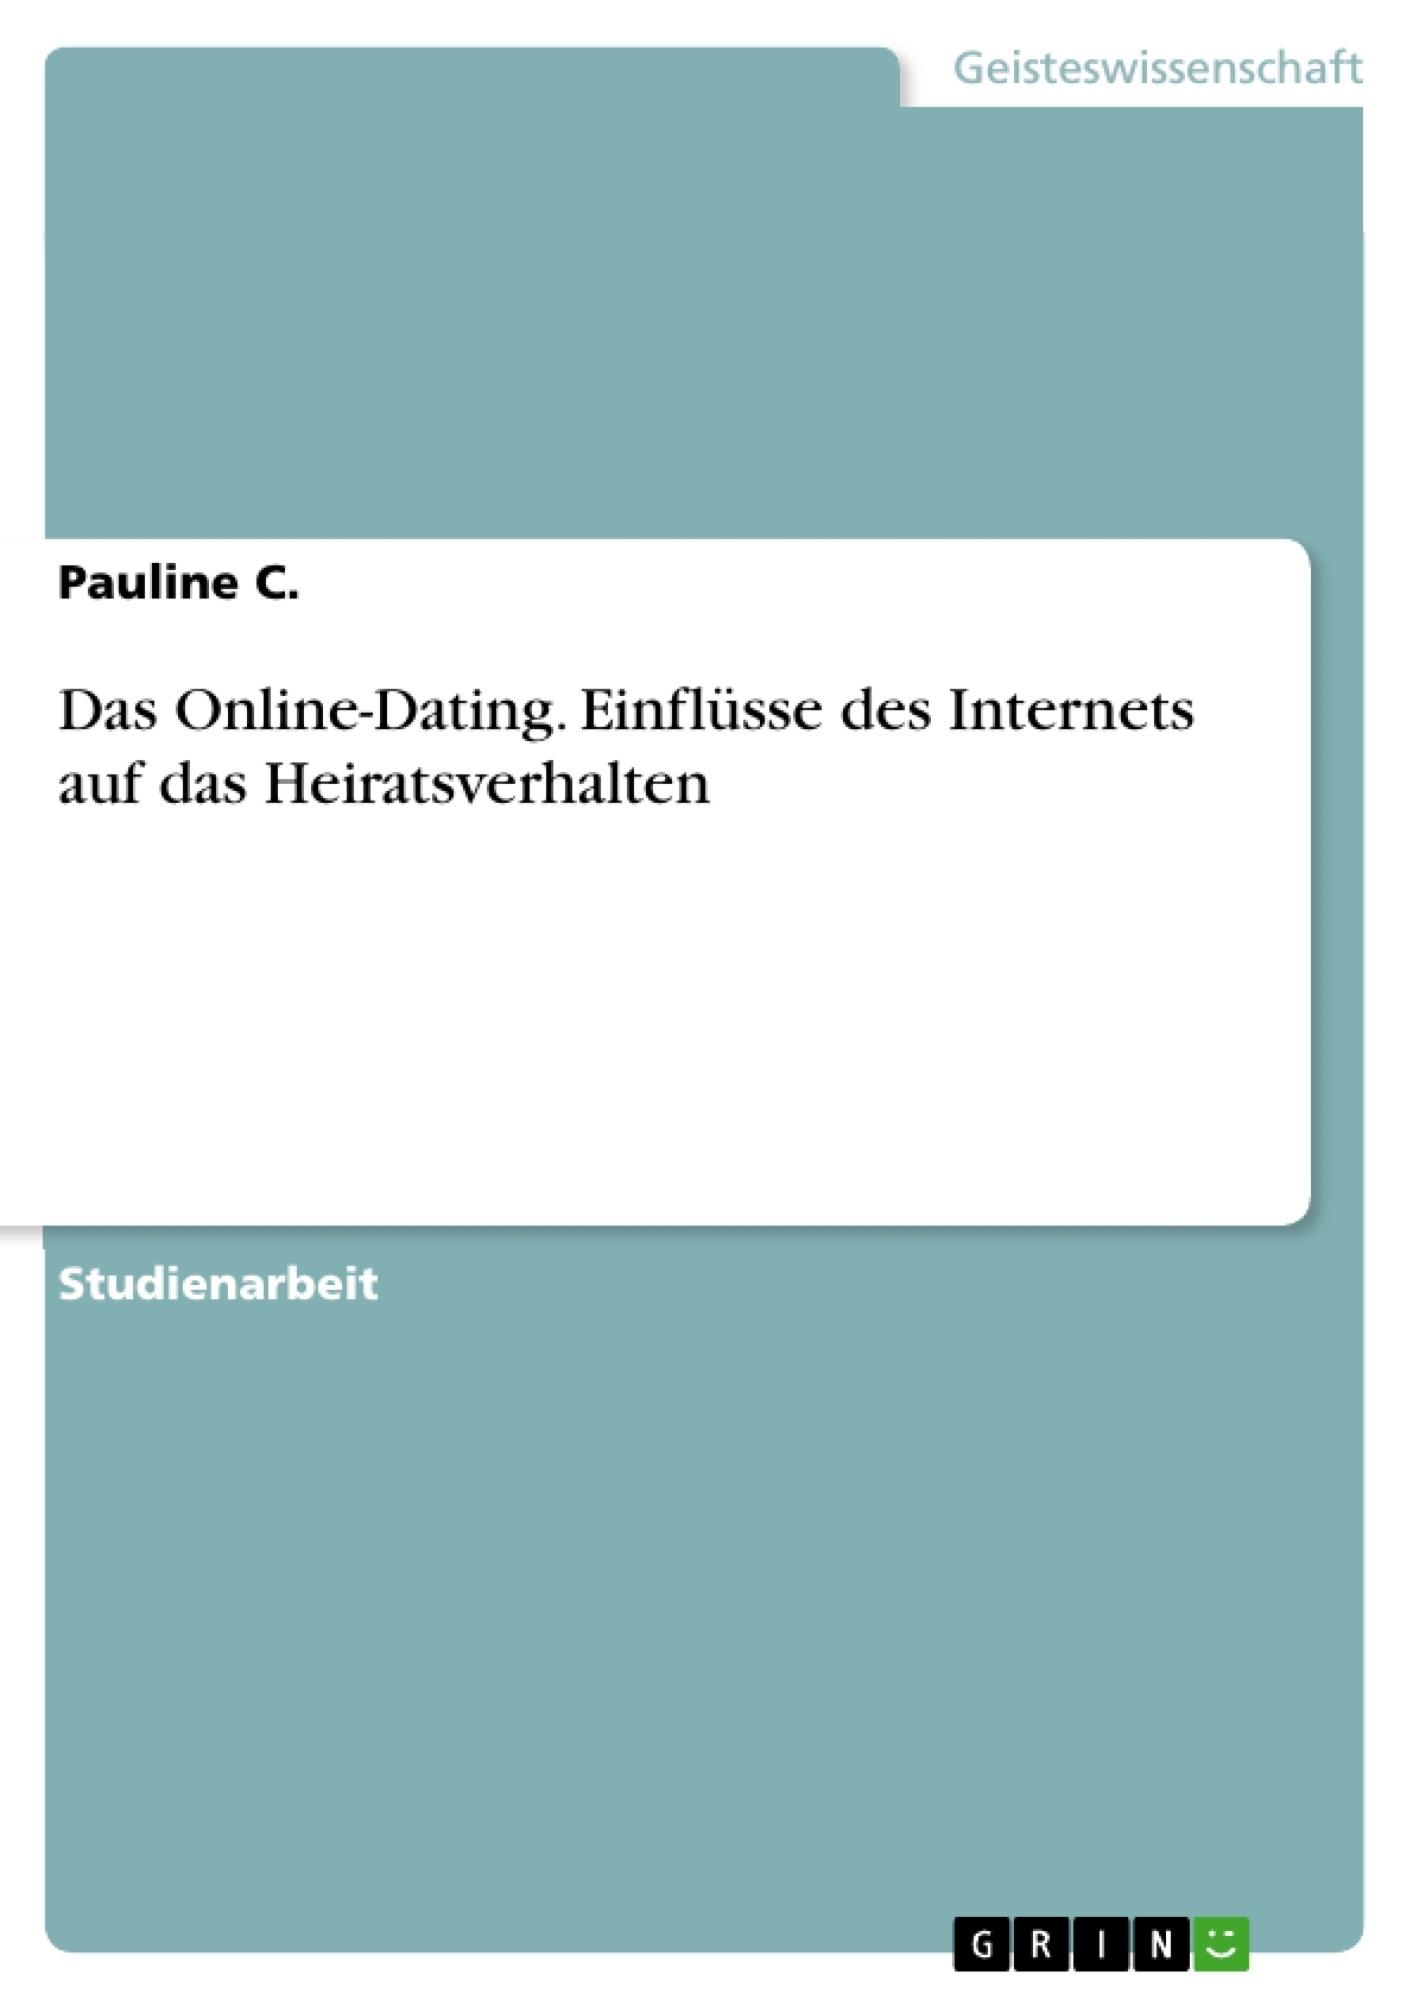 Titel: Das Online-Dating. Einflüsse des Internets auf das Heiratsverhalten